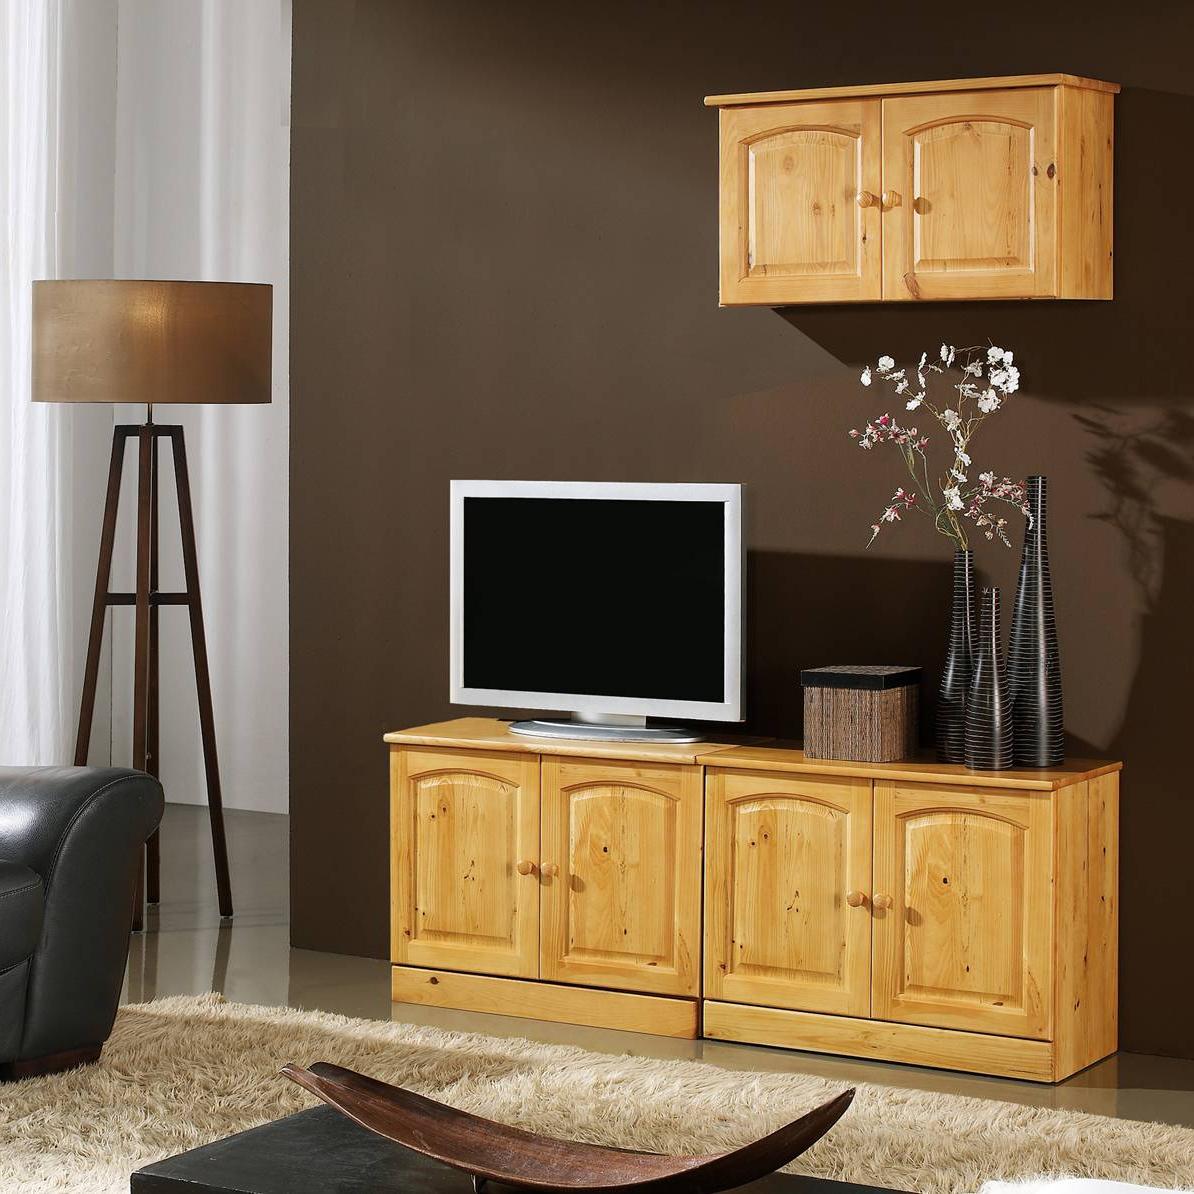 Muebles De Pino Color Miel X8d1 Oferta De Mueble Online Salà N Edor Pino Rústico Online Mà Dulo